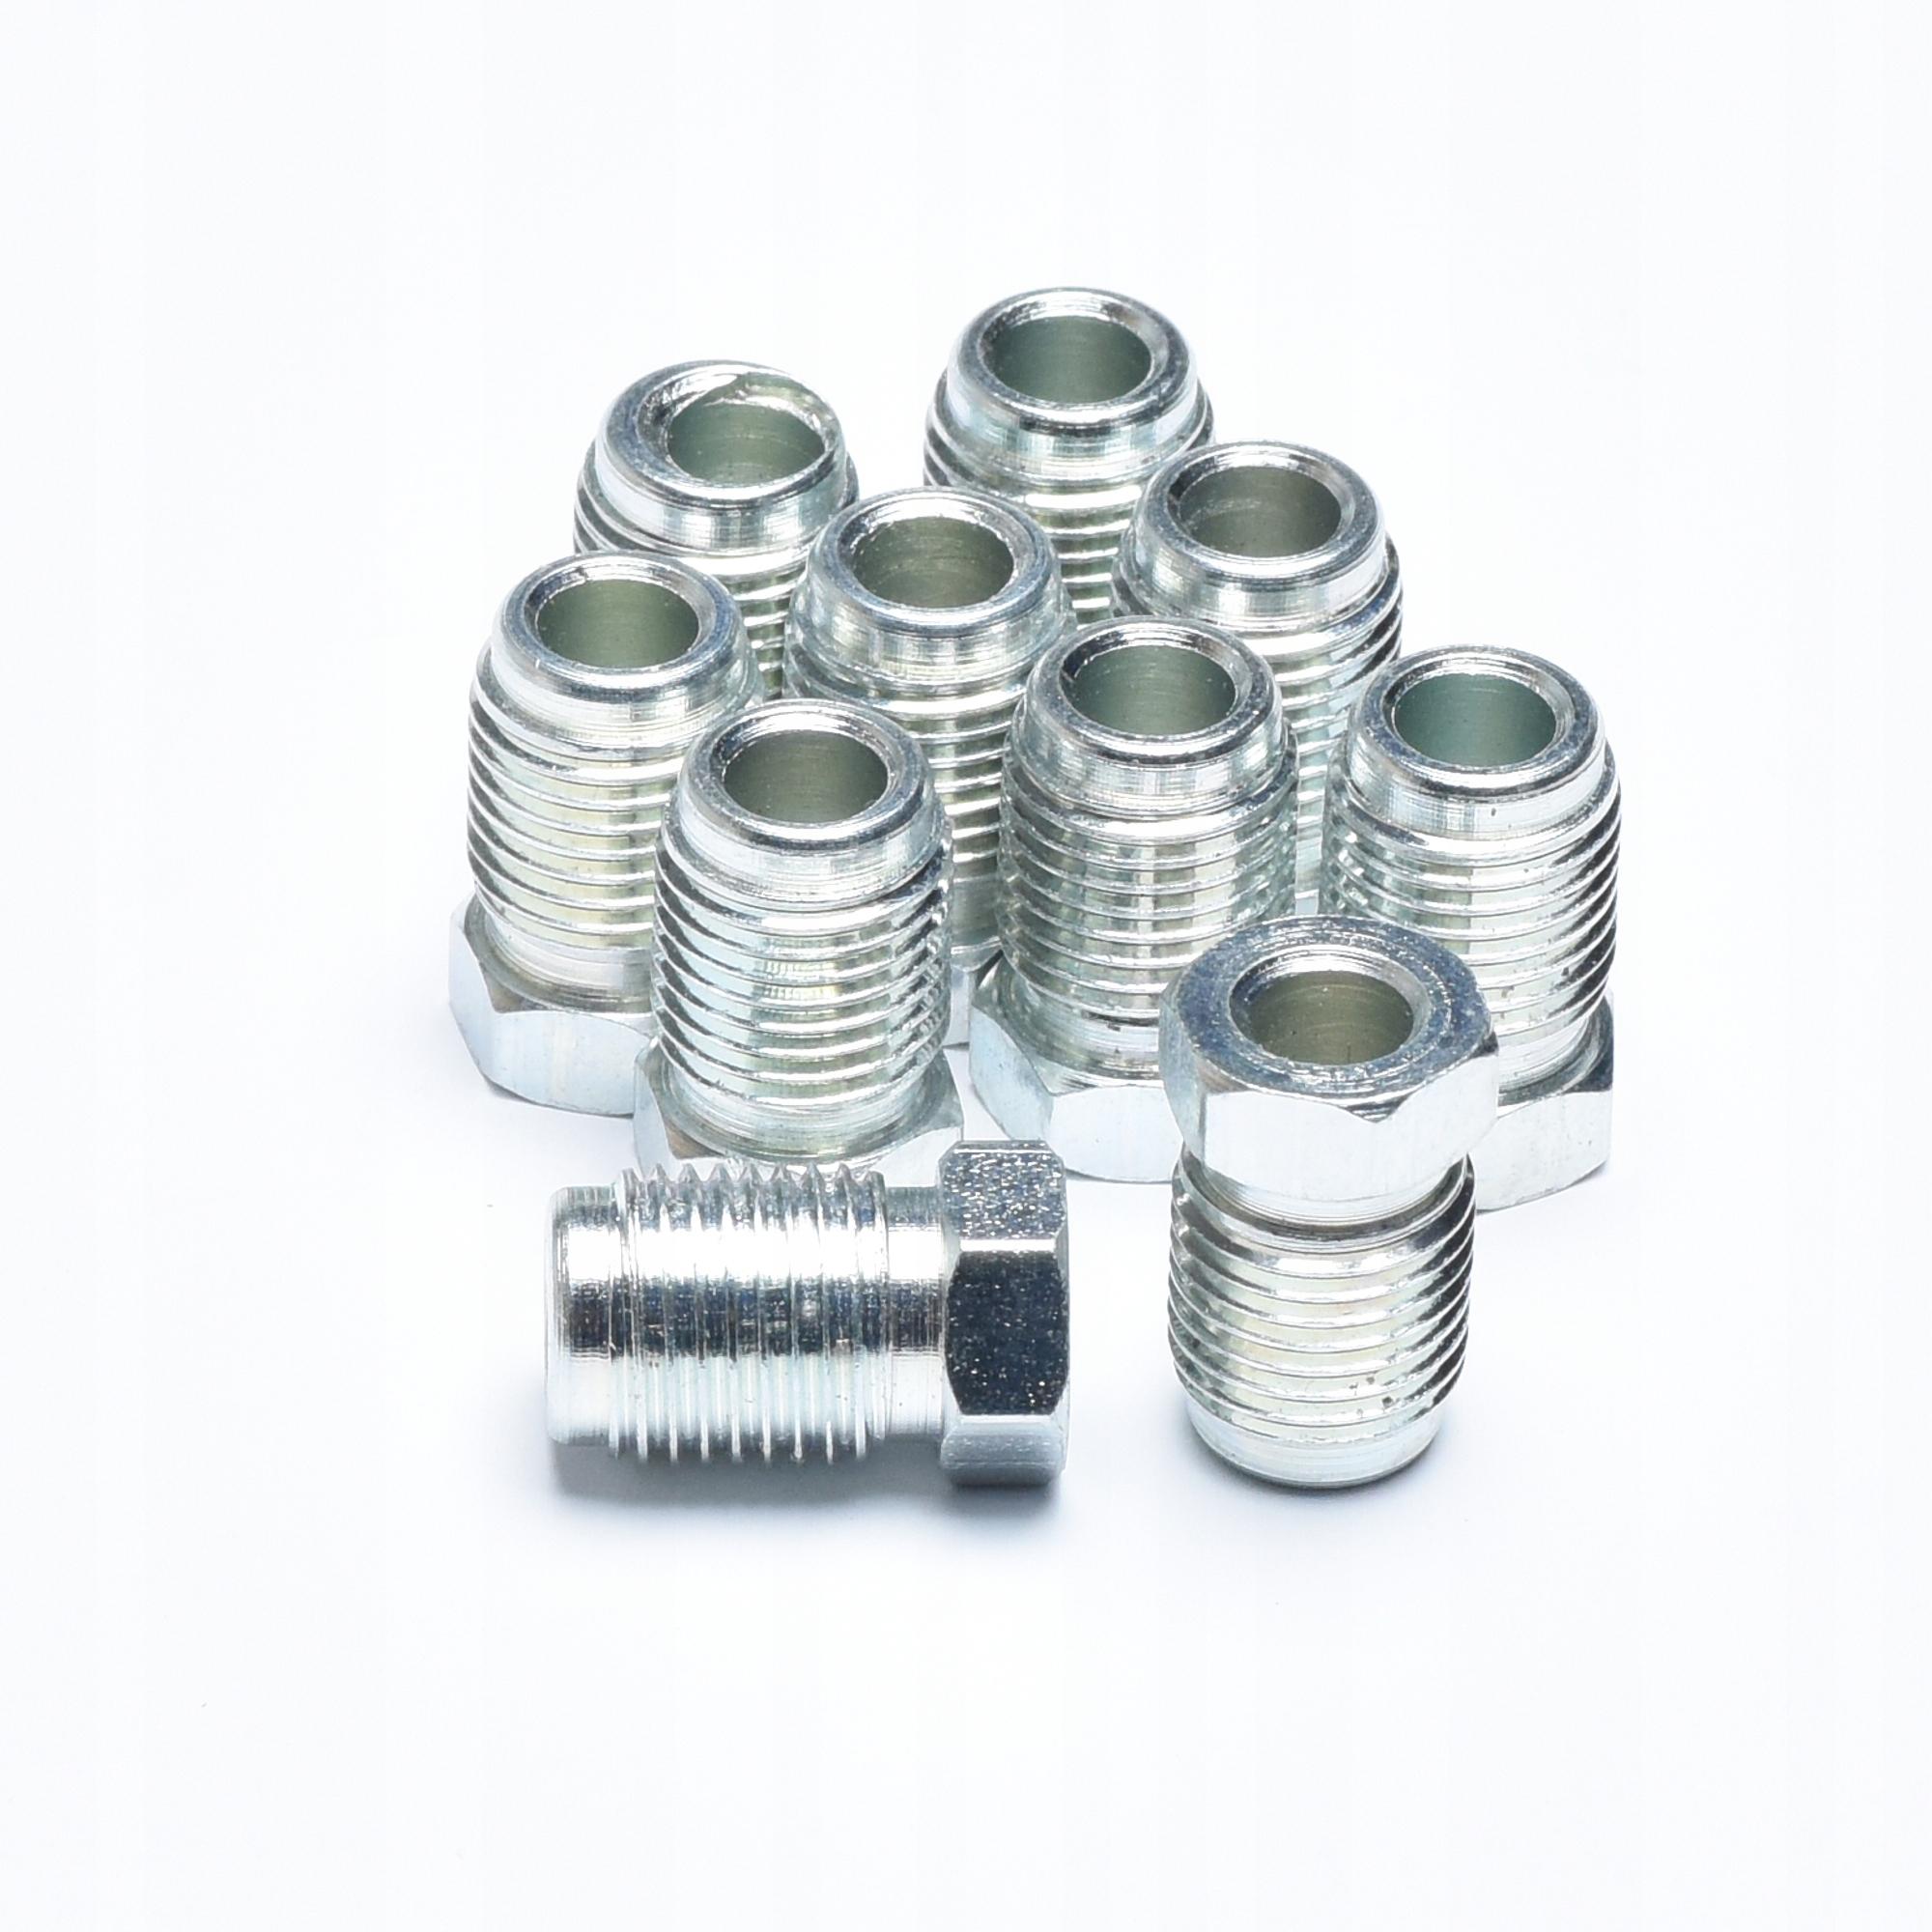 наконечники фитинги трубки провода ham m10x1 10 шт